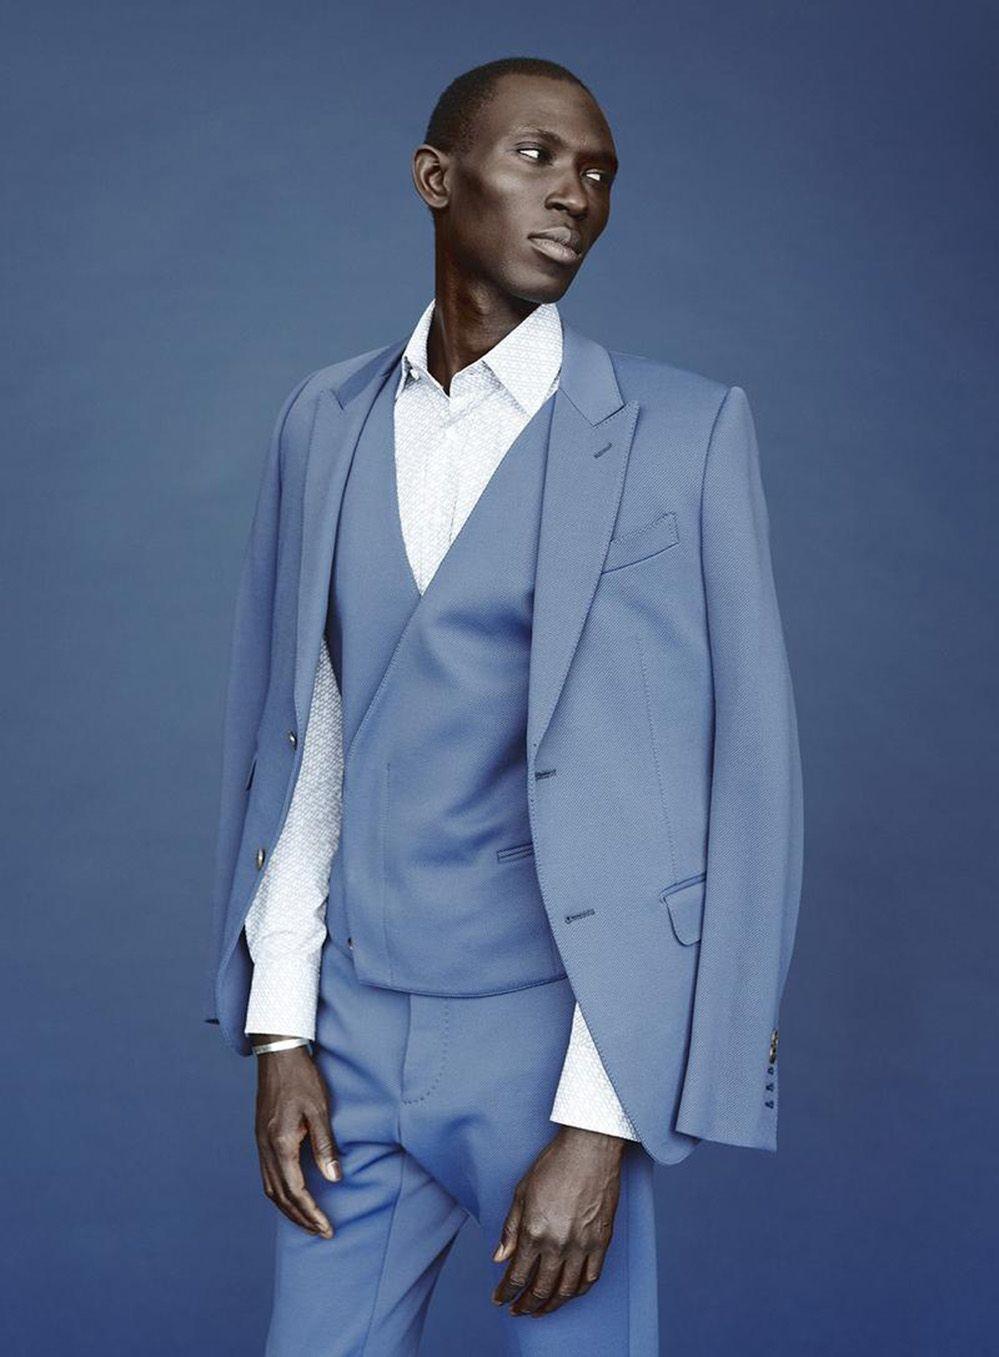 Gucci suit - Etro shirt | Menswear, menstyle, sprezzatura ...